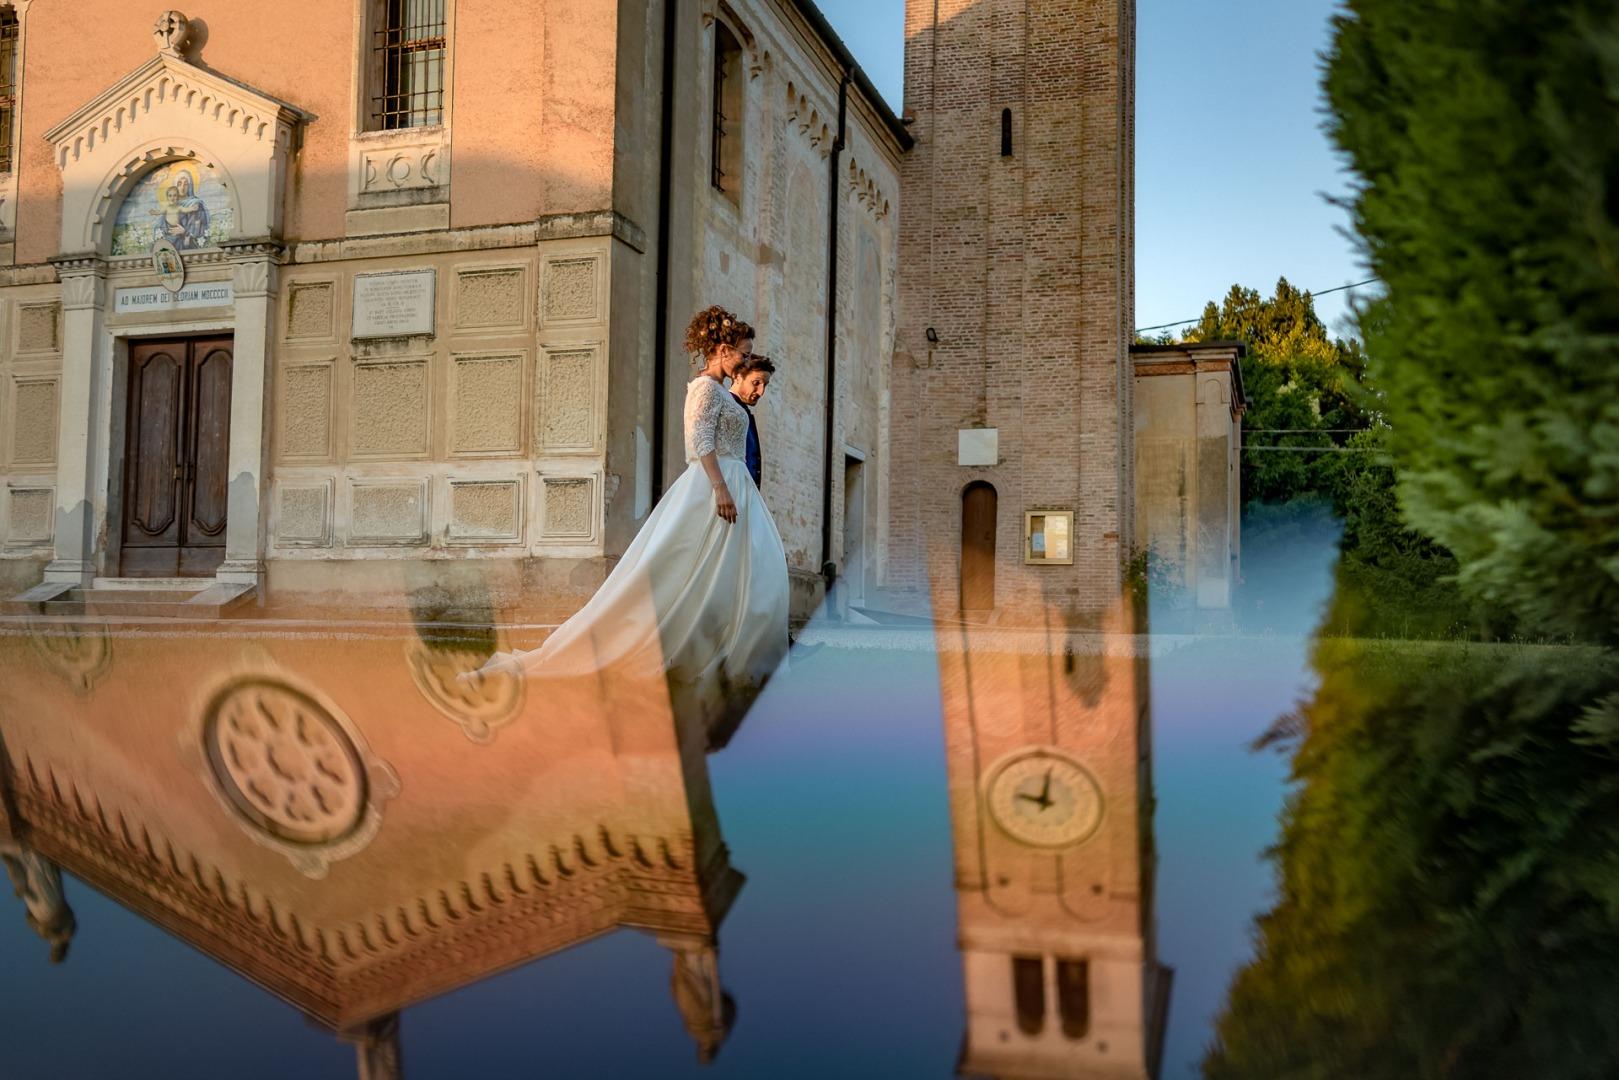 nicola-da-lio-wedding-photographer-venezia-treviso-padova-veneto-italia-140